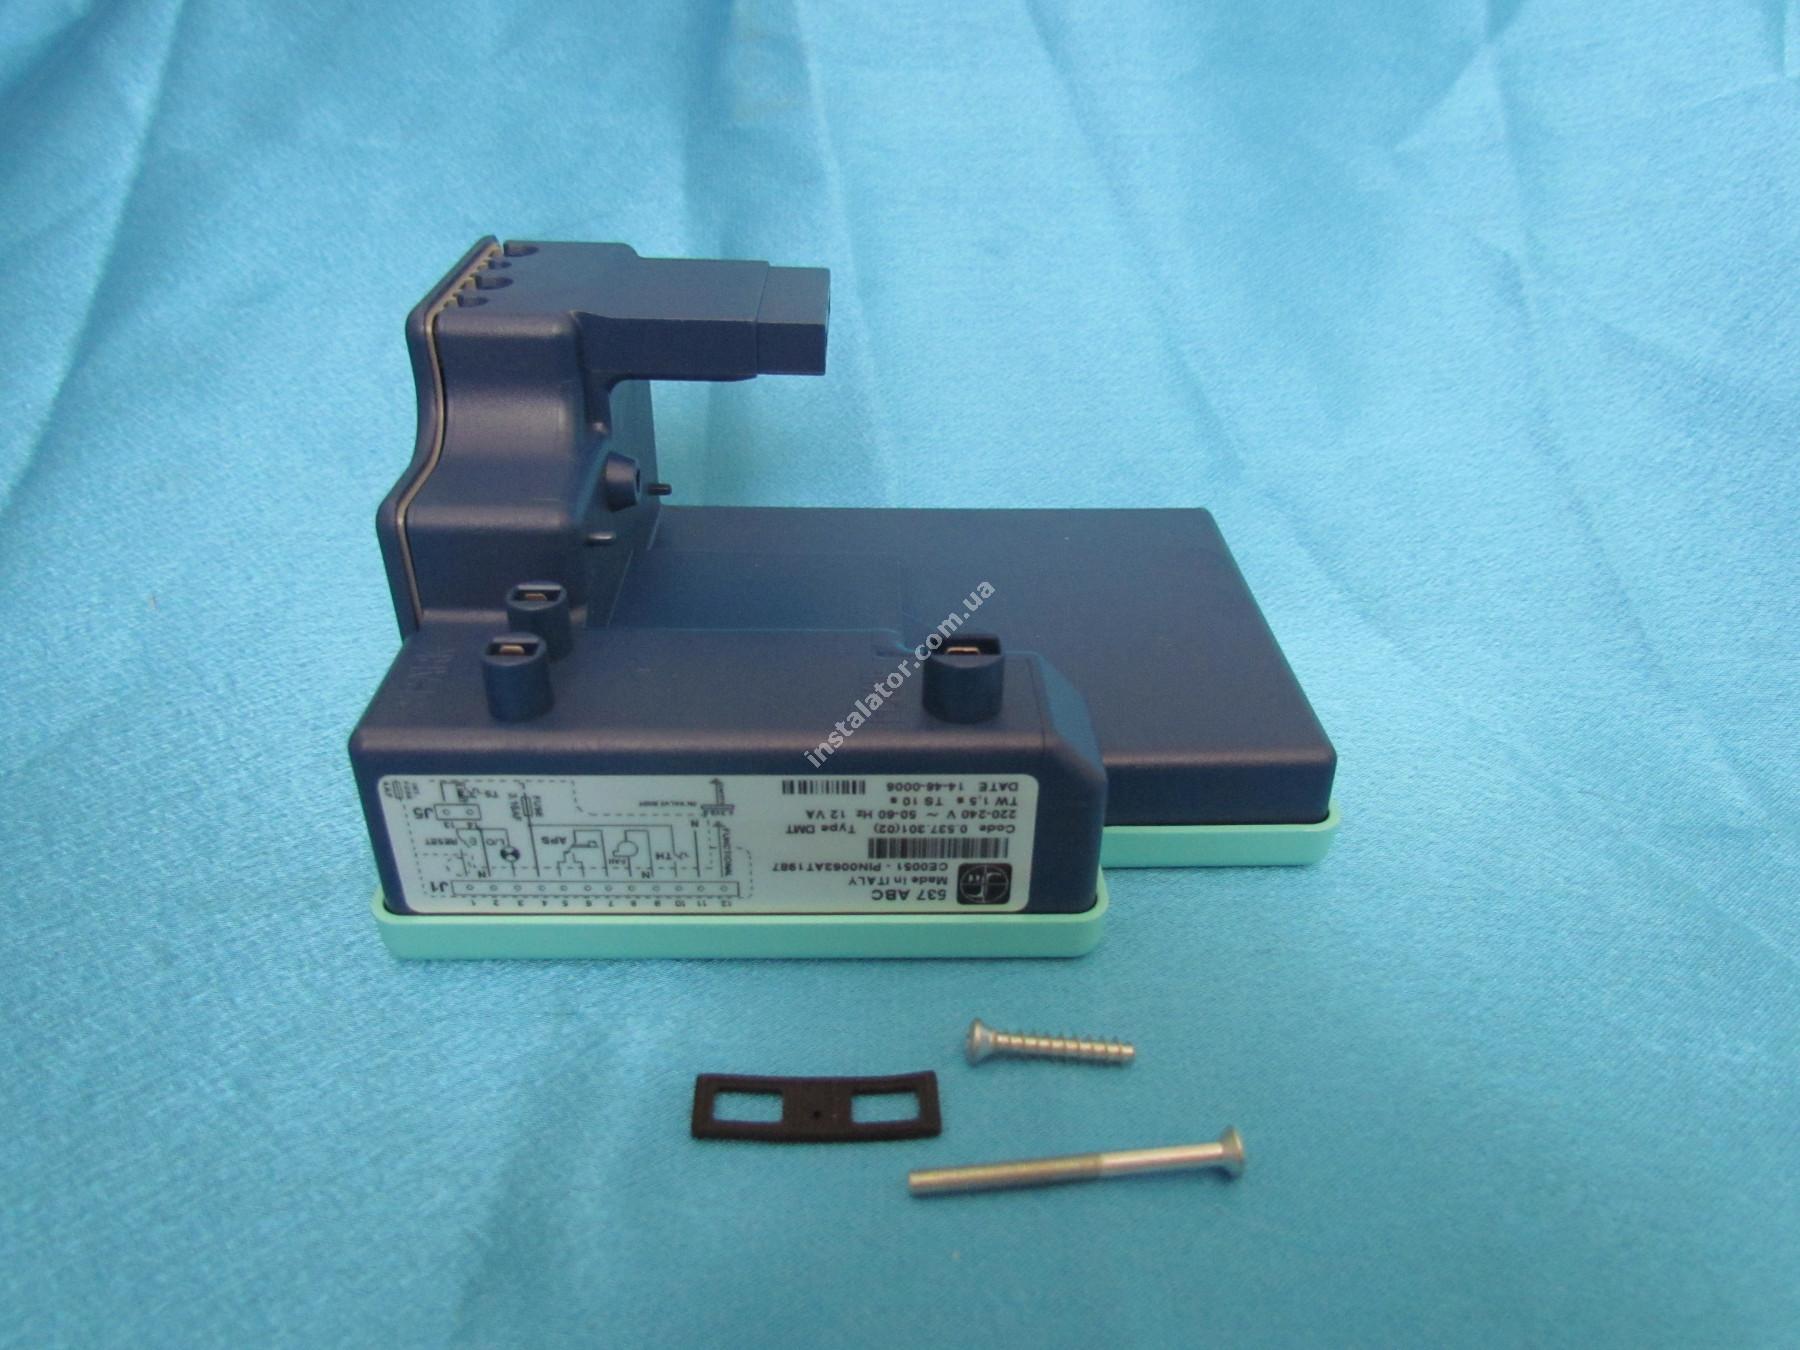 0.537.301(52002490) Плата розпалу SIT 537 ABC  для газових клапанів SIGMA 840, 845, 848 full-image-2